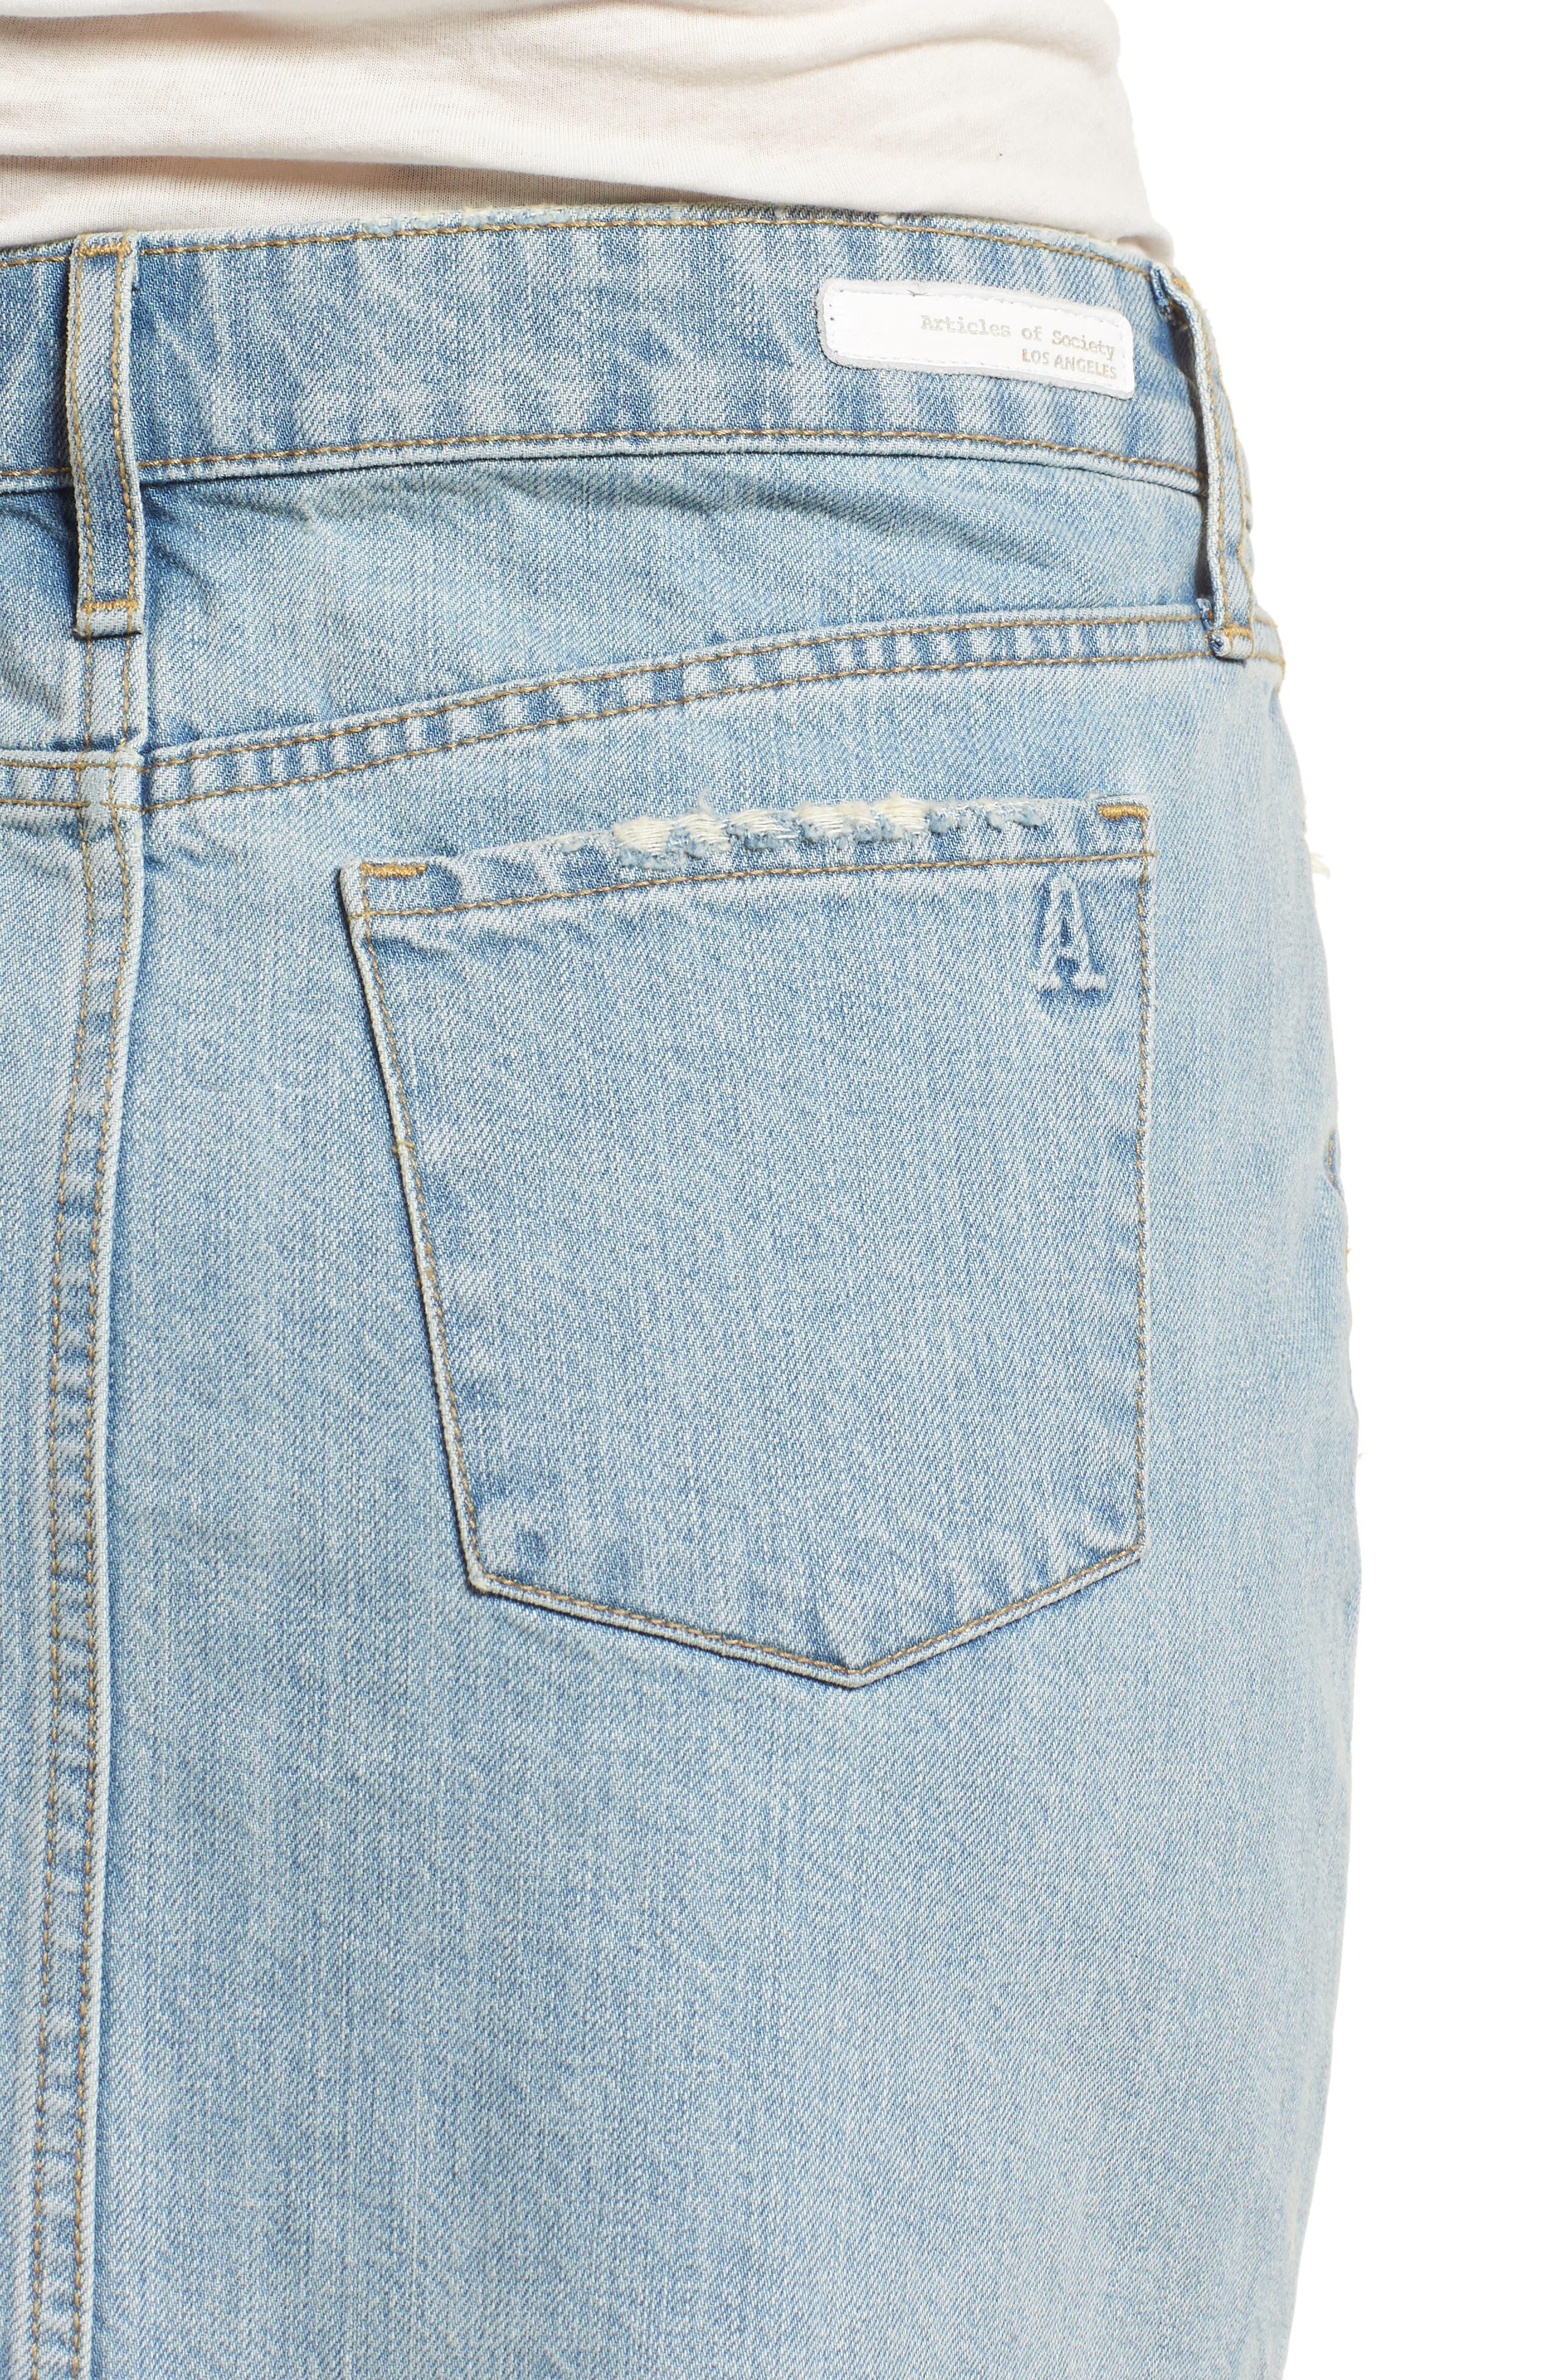 Stacy Release Hem Denim Skirt,                             Alternate thumbnail 4, color,                             Reims